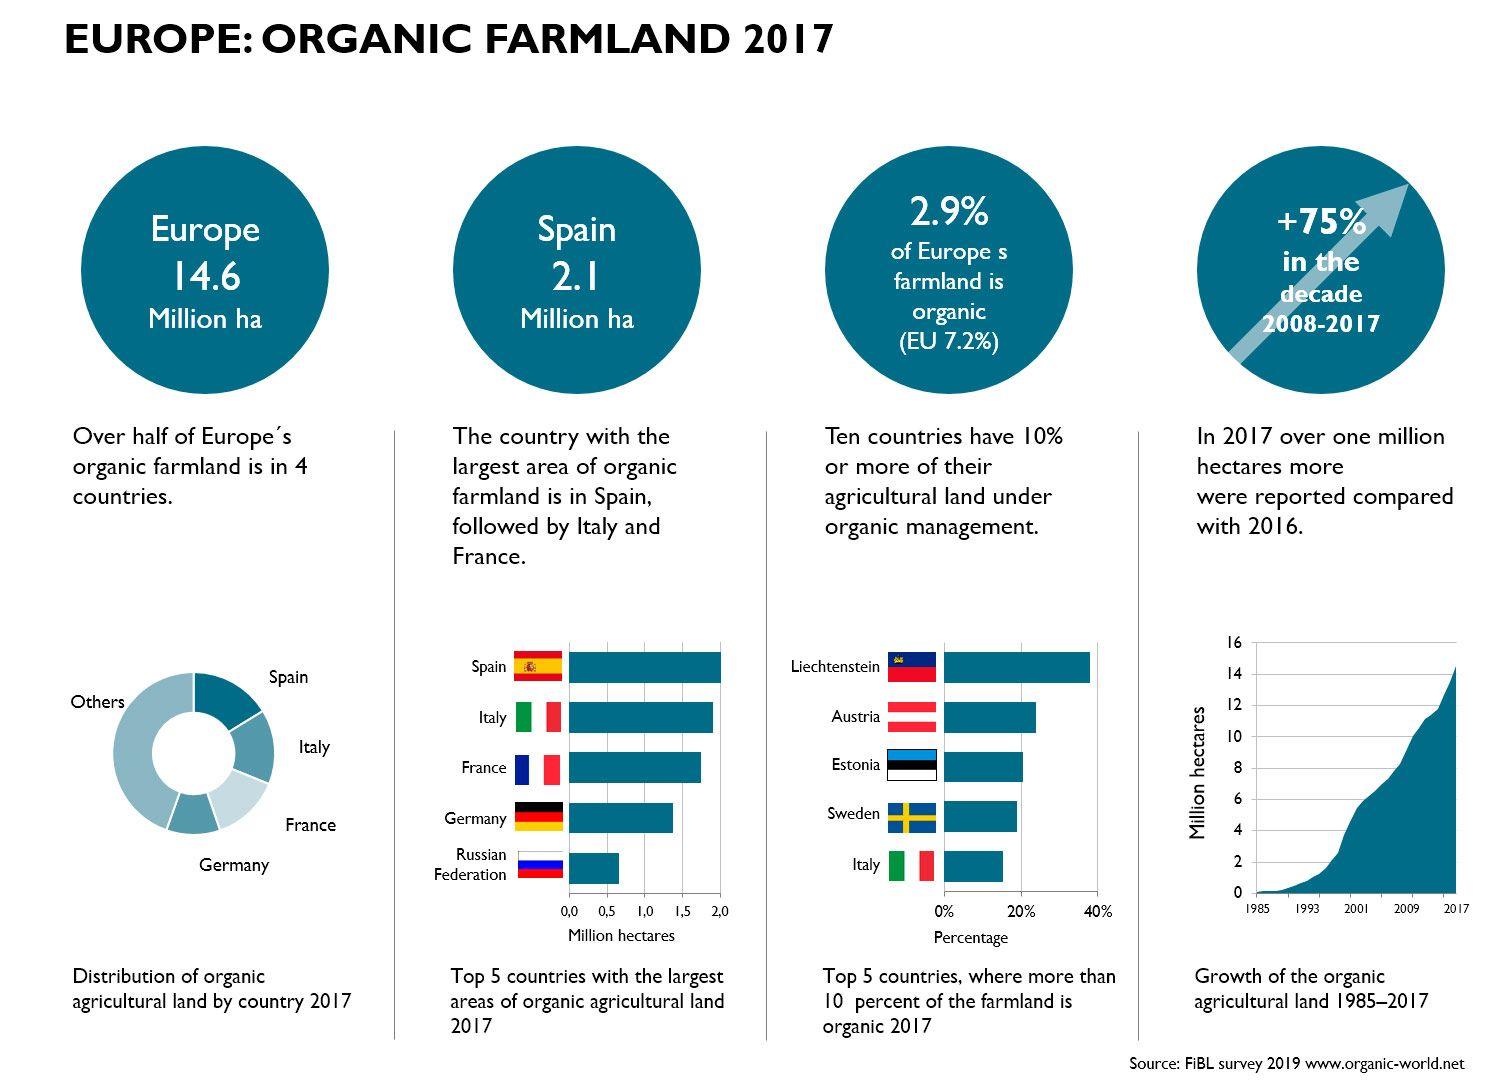 organic farming in europe organic farmland agricultura ecológica europa producción ecológica alimentación ecológica